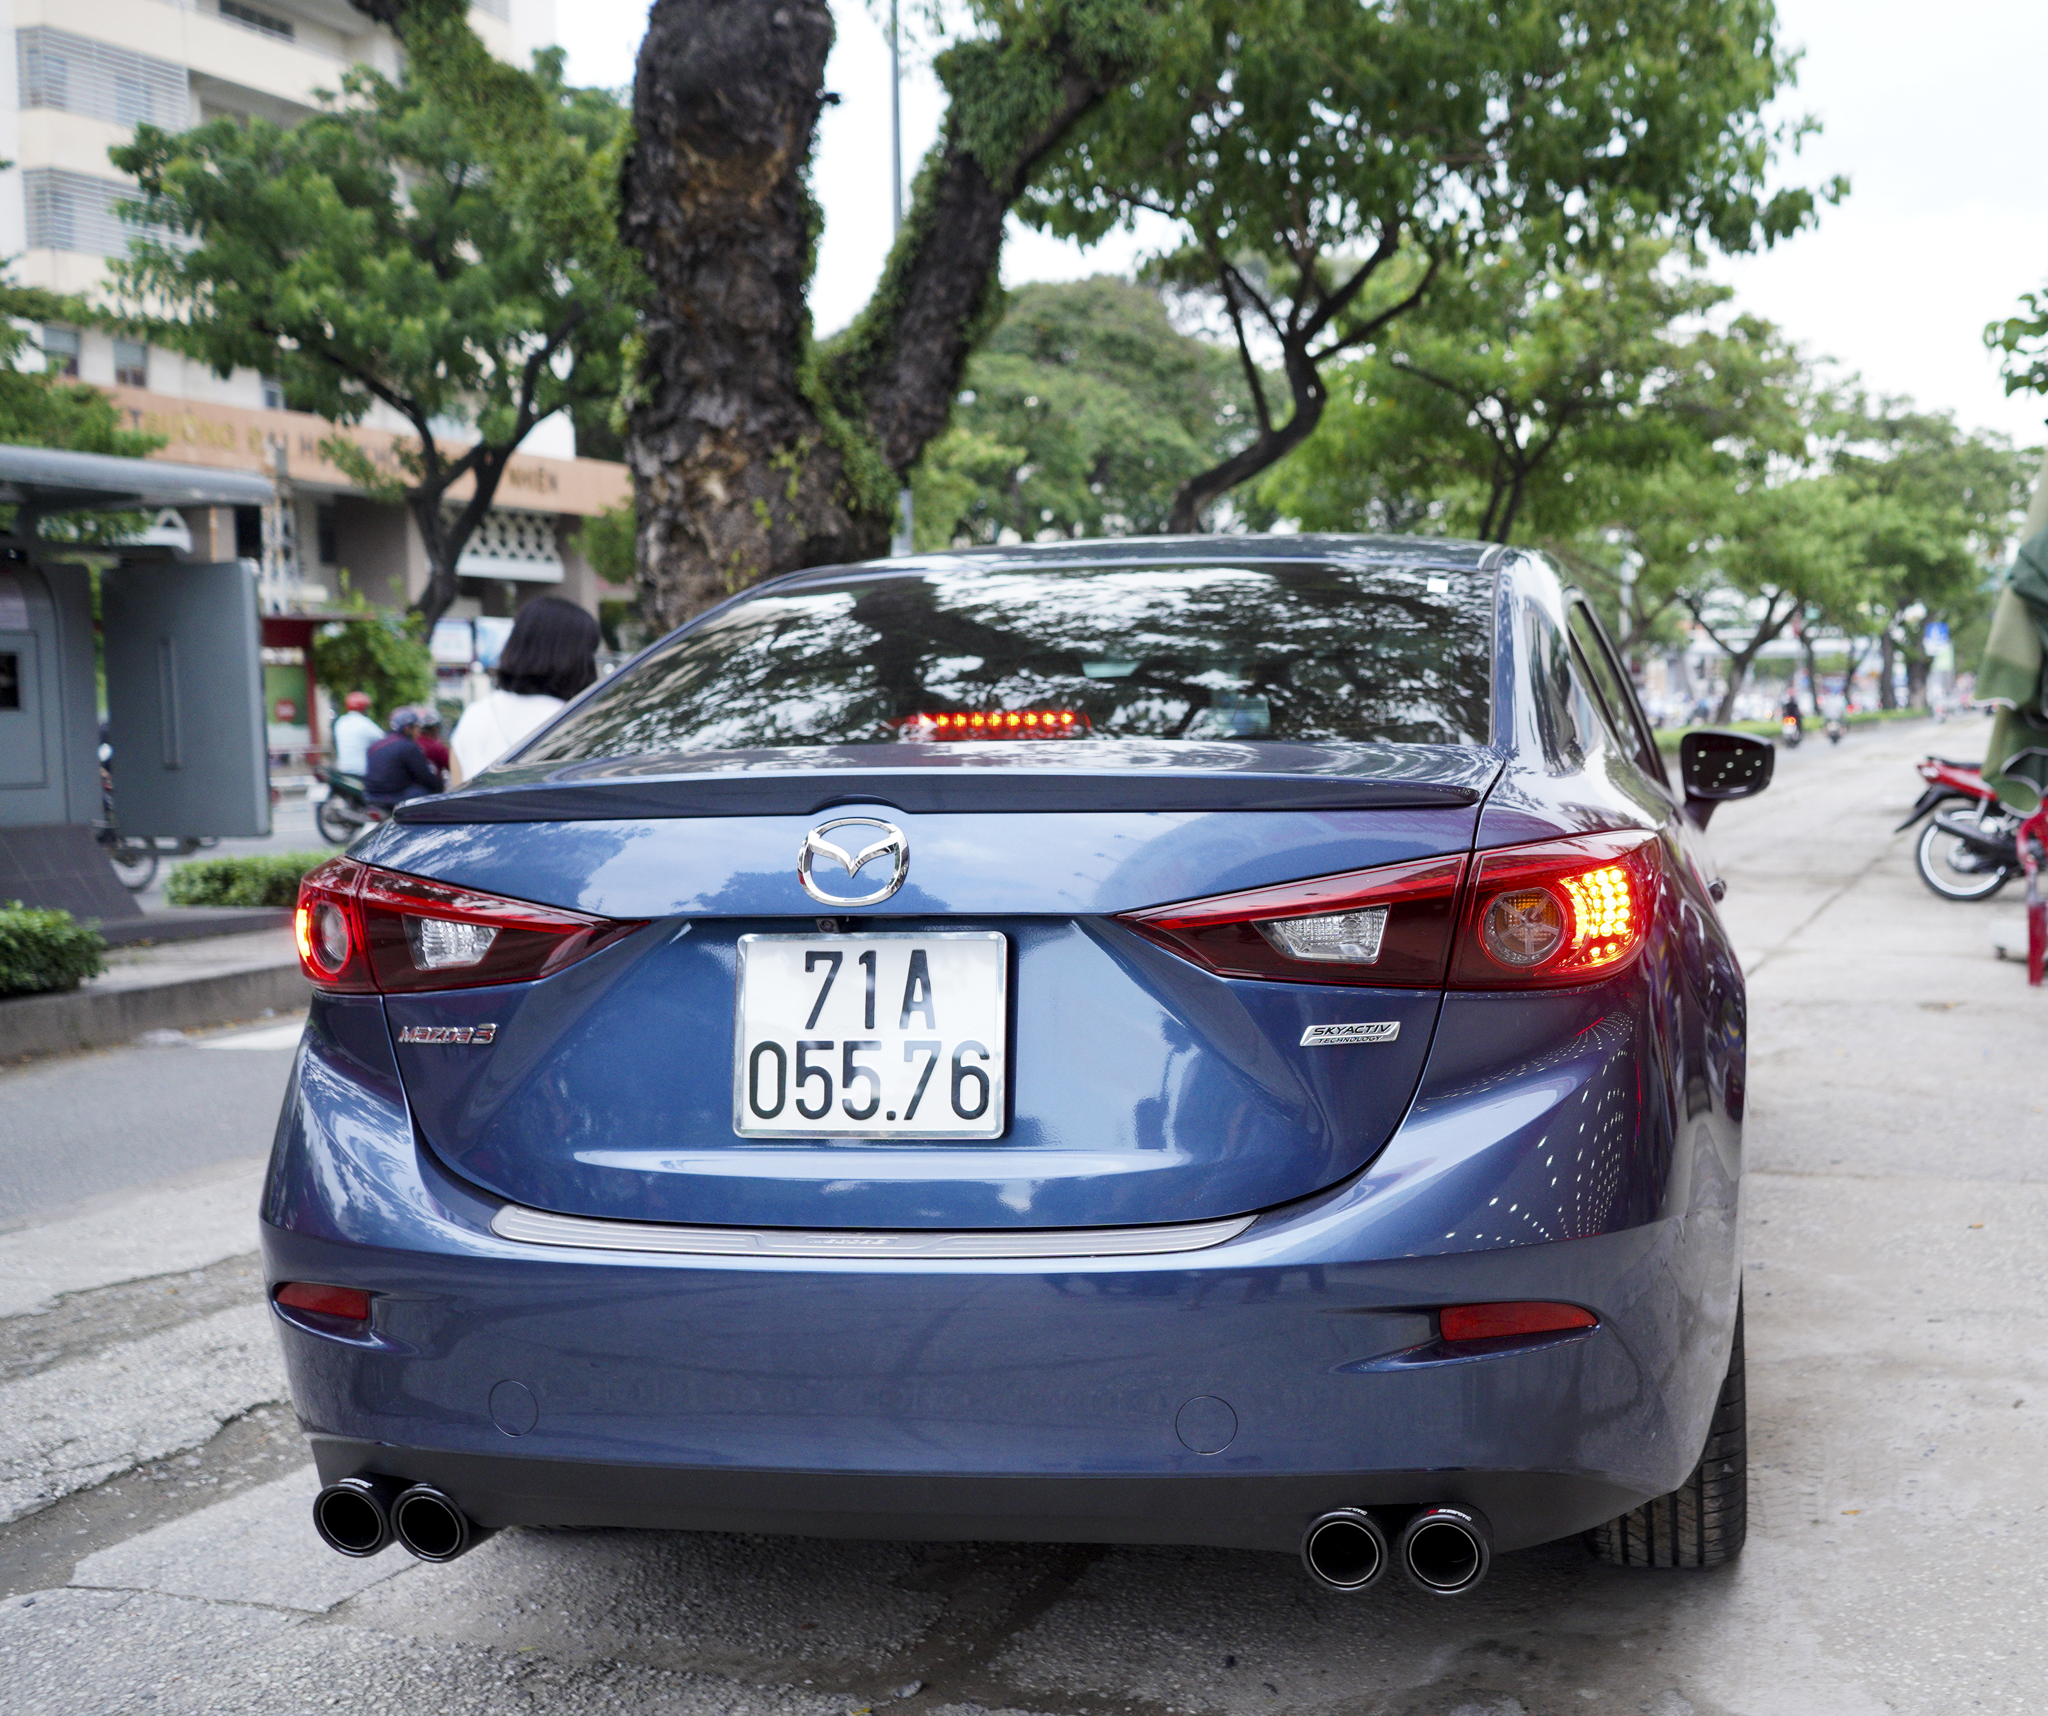 độ Mazda 3 pô đôi ak không lip trang trí